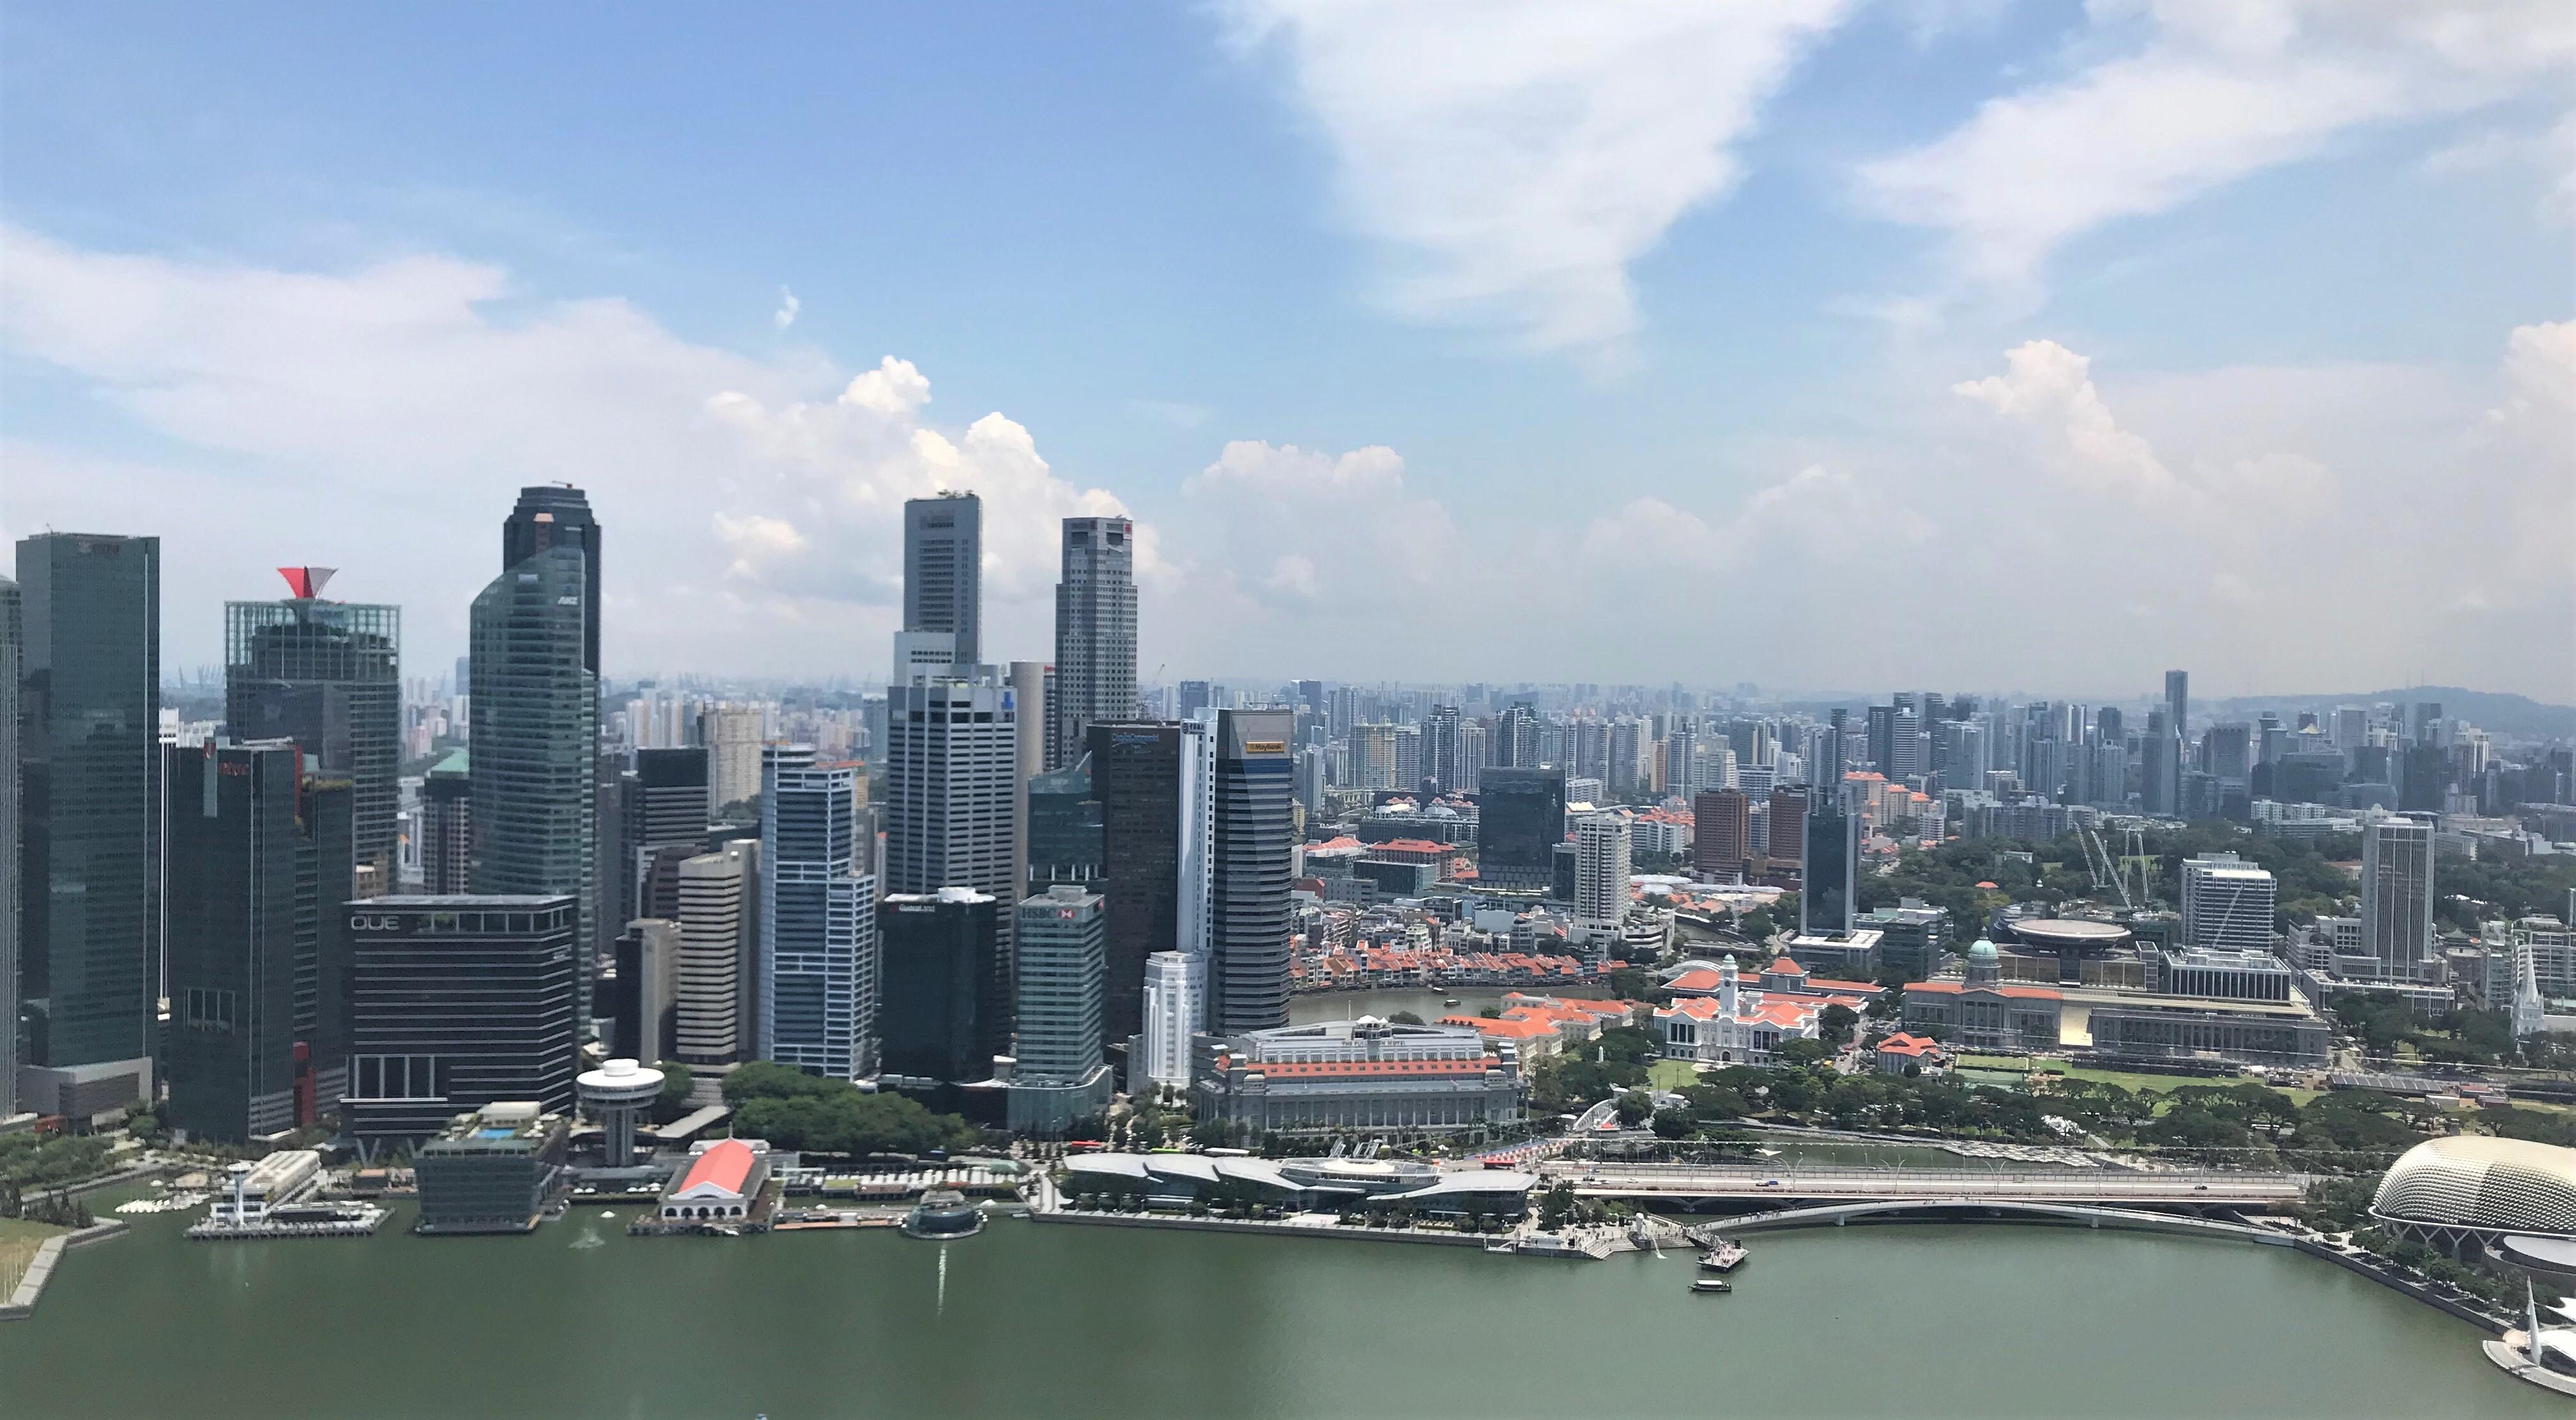 シンガポールのお部屋探し(その2)~エージェントとのやり取り・内覧予約~